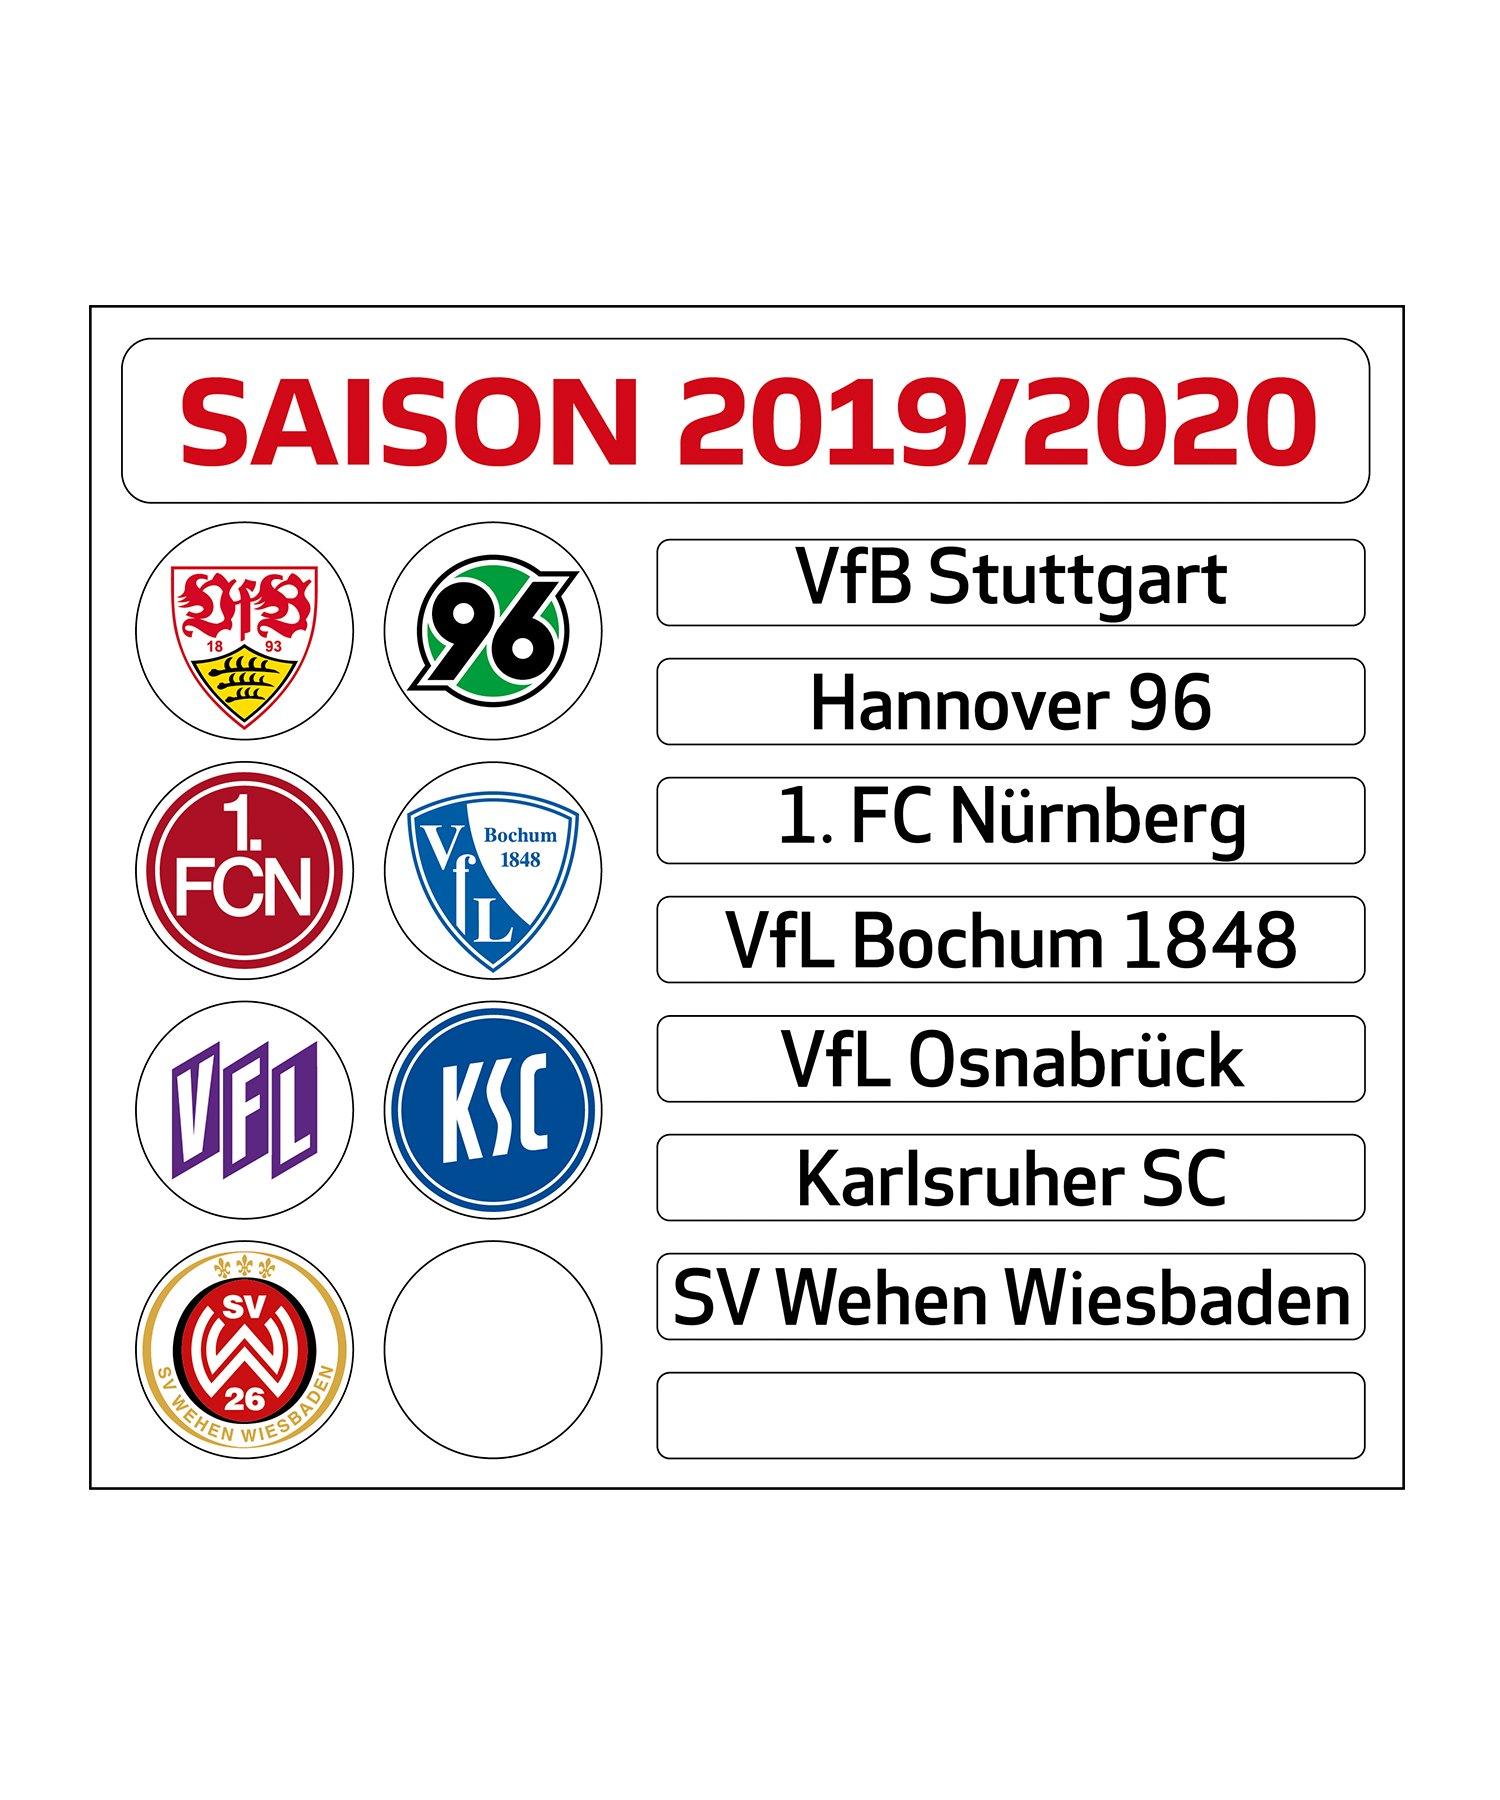 2 Bundesliga Ta